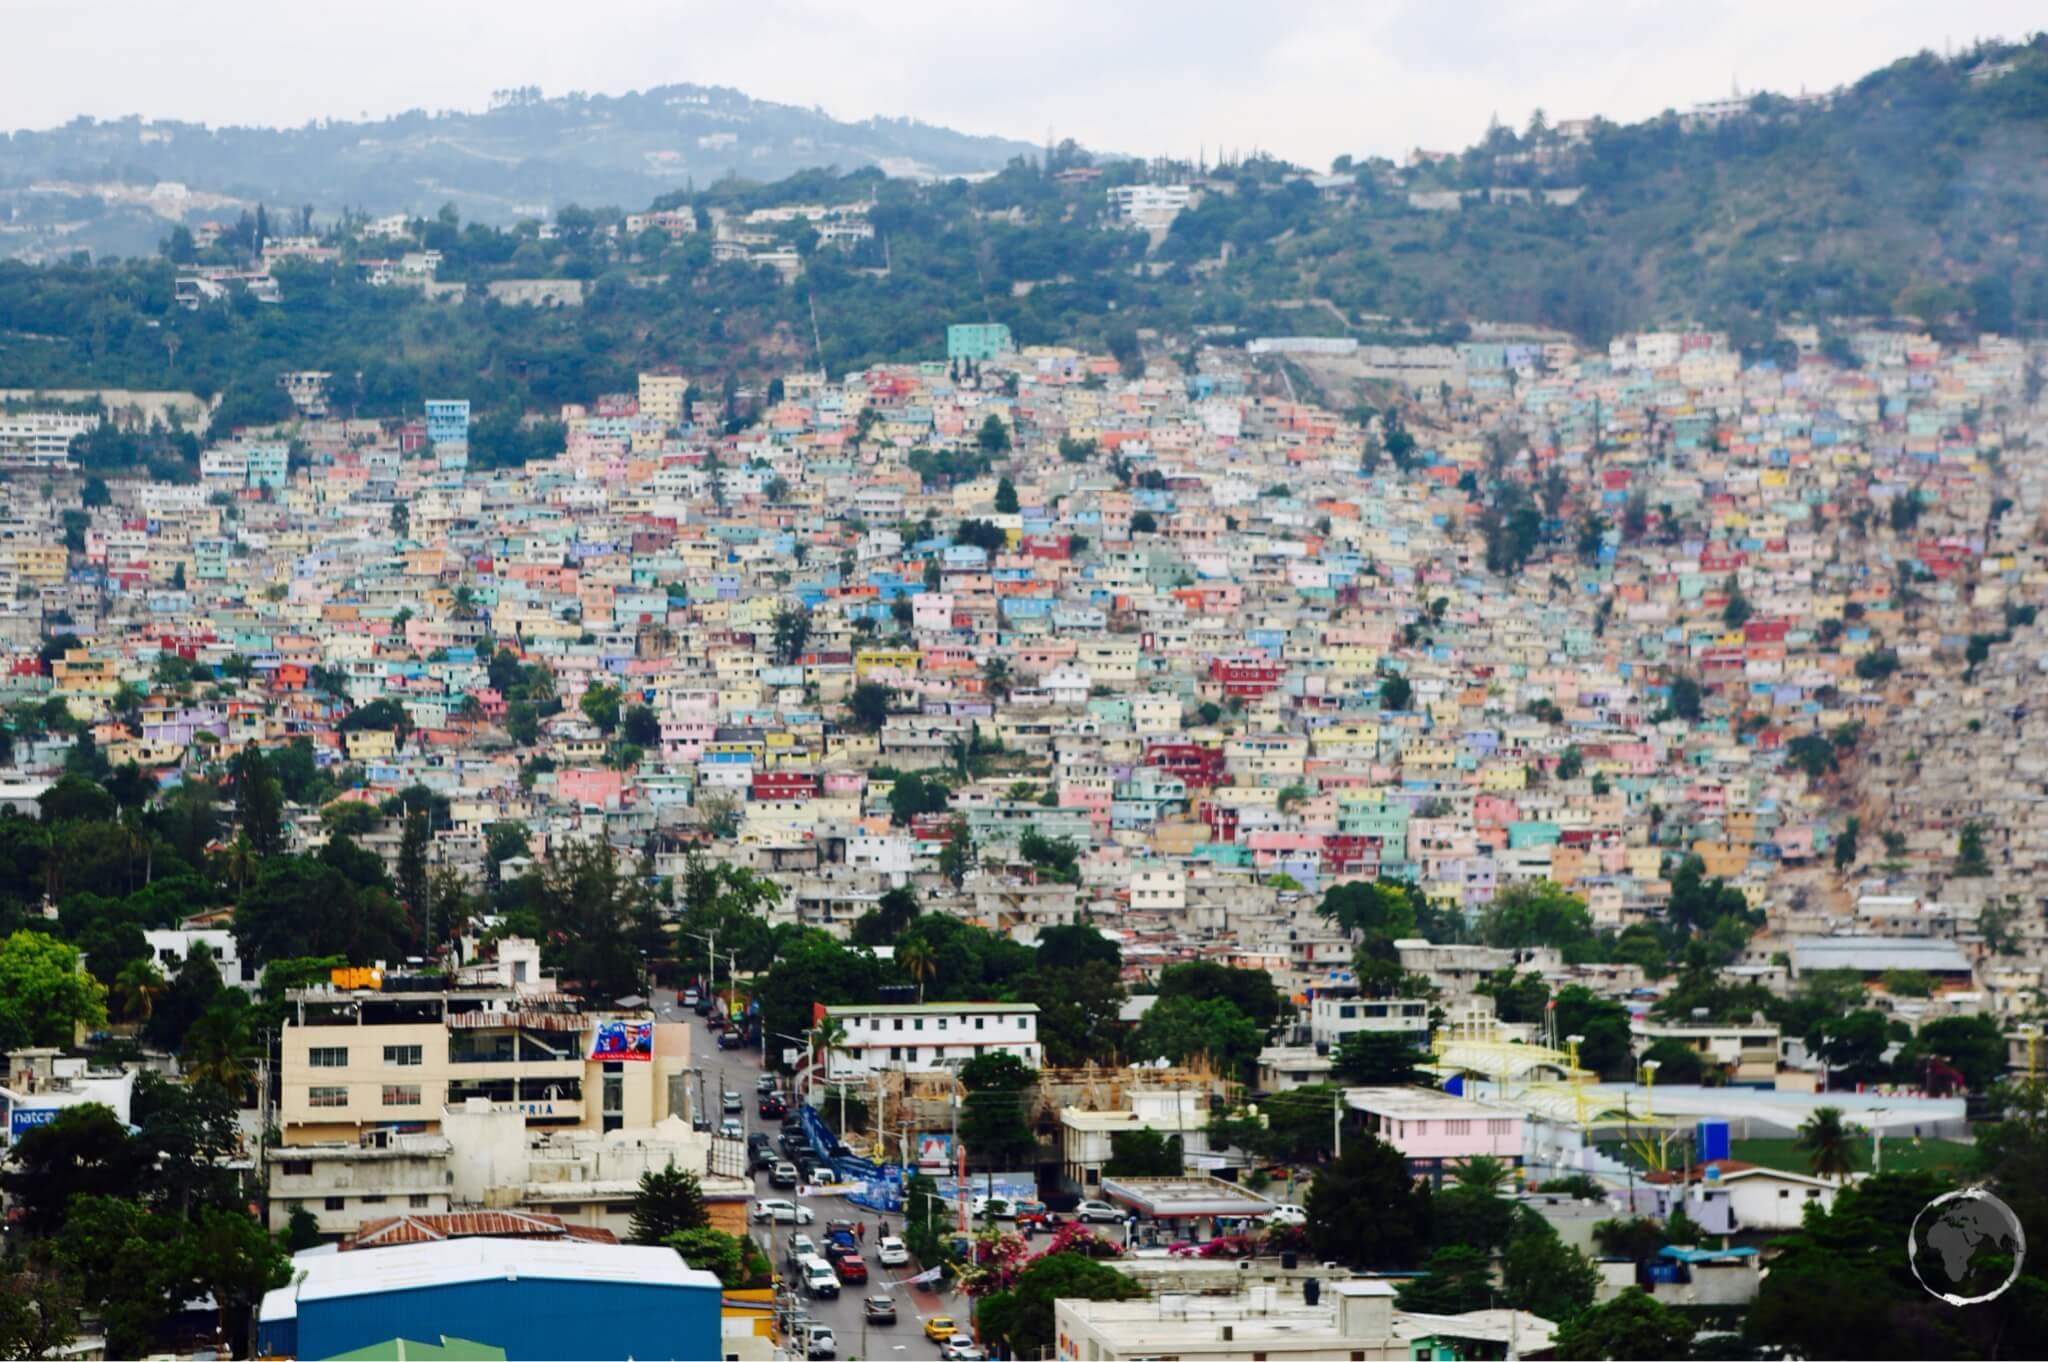 View of slum housing from Pétion-ville, Port-au-Prince.